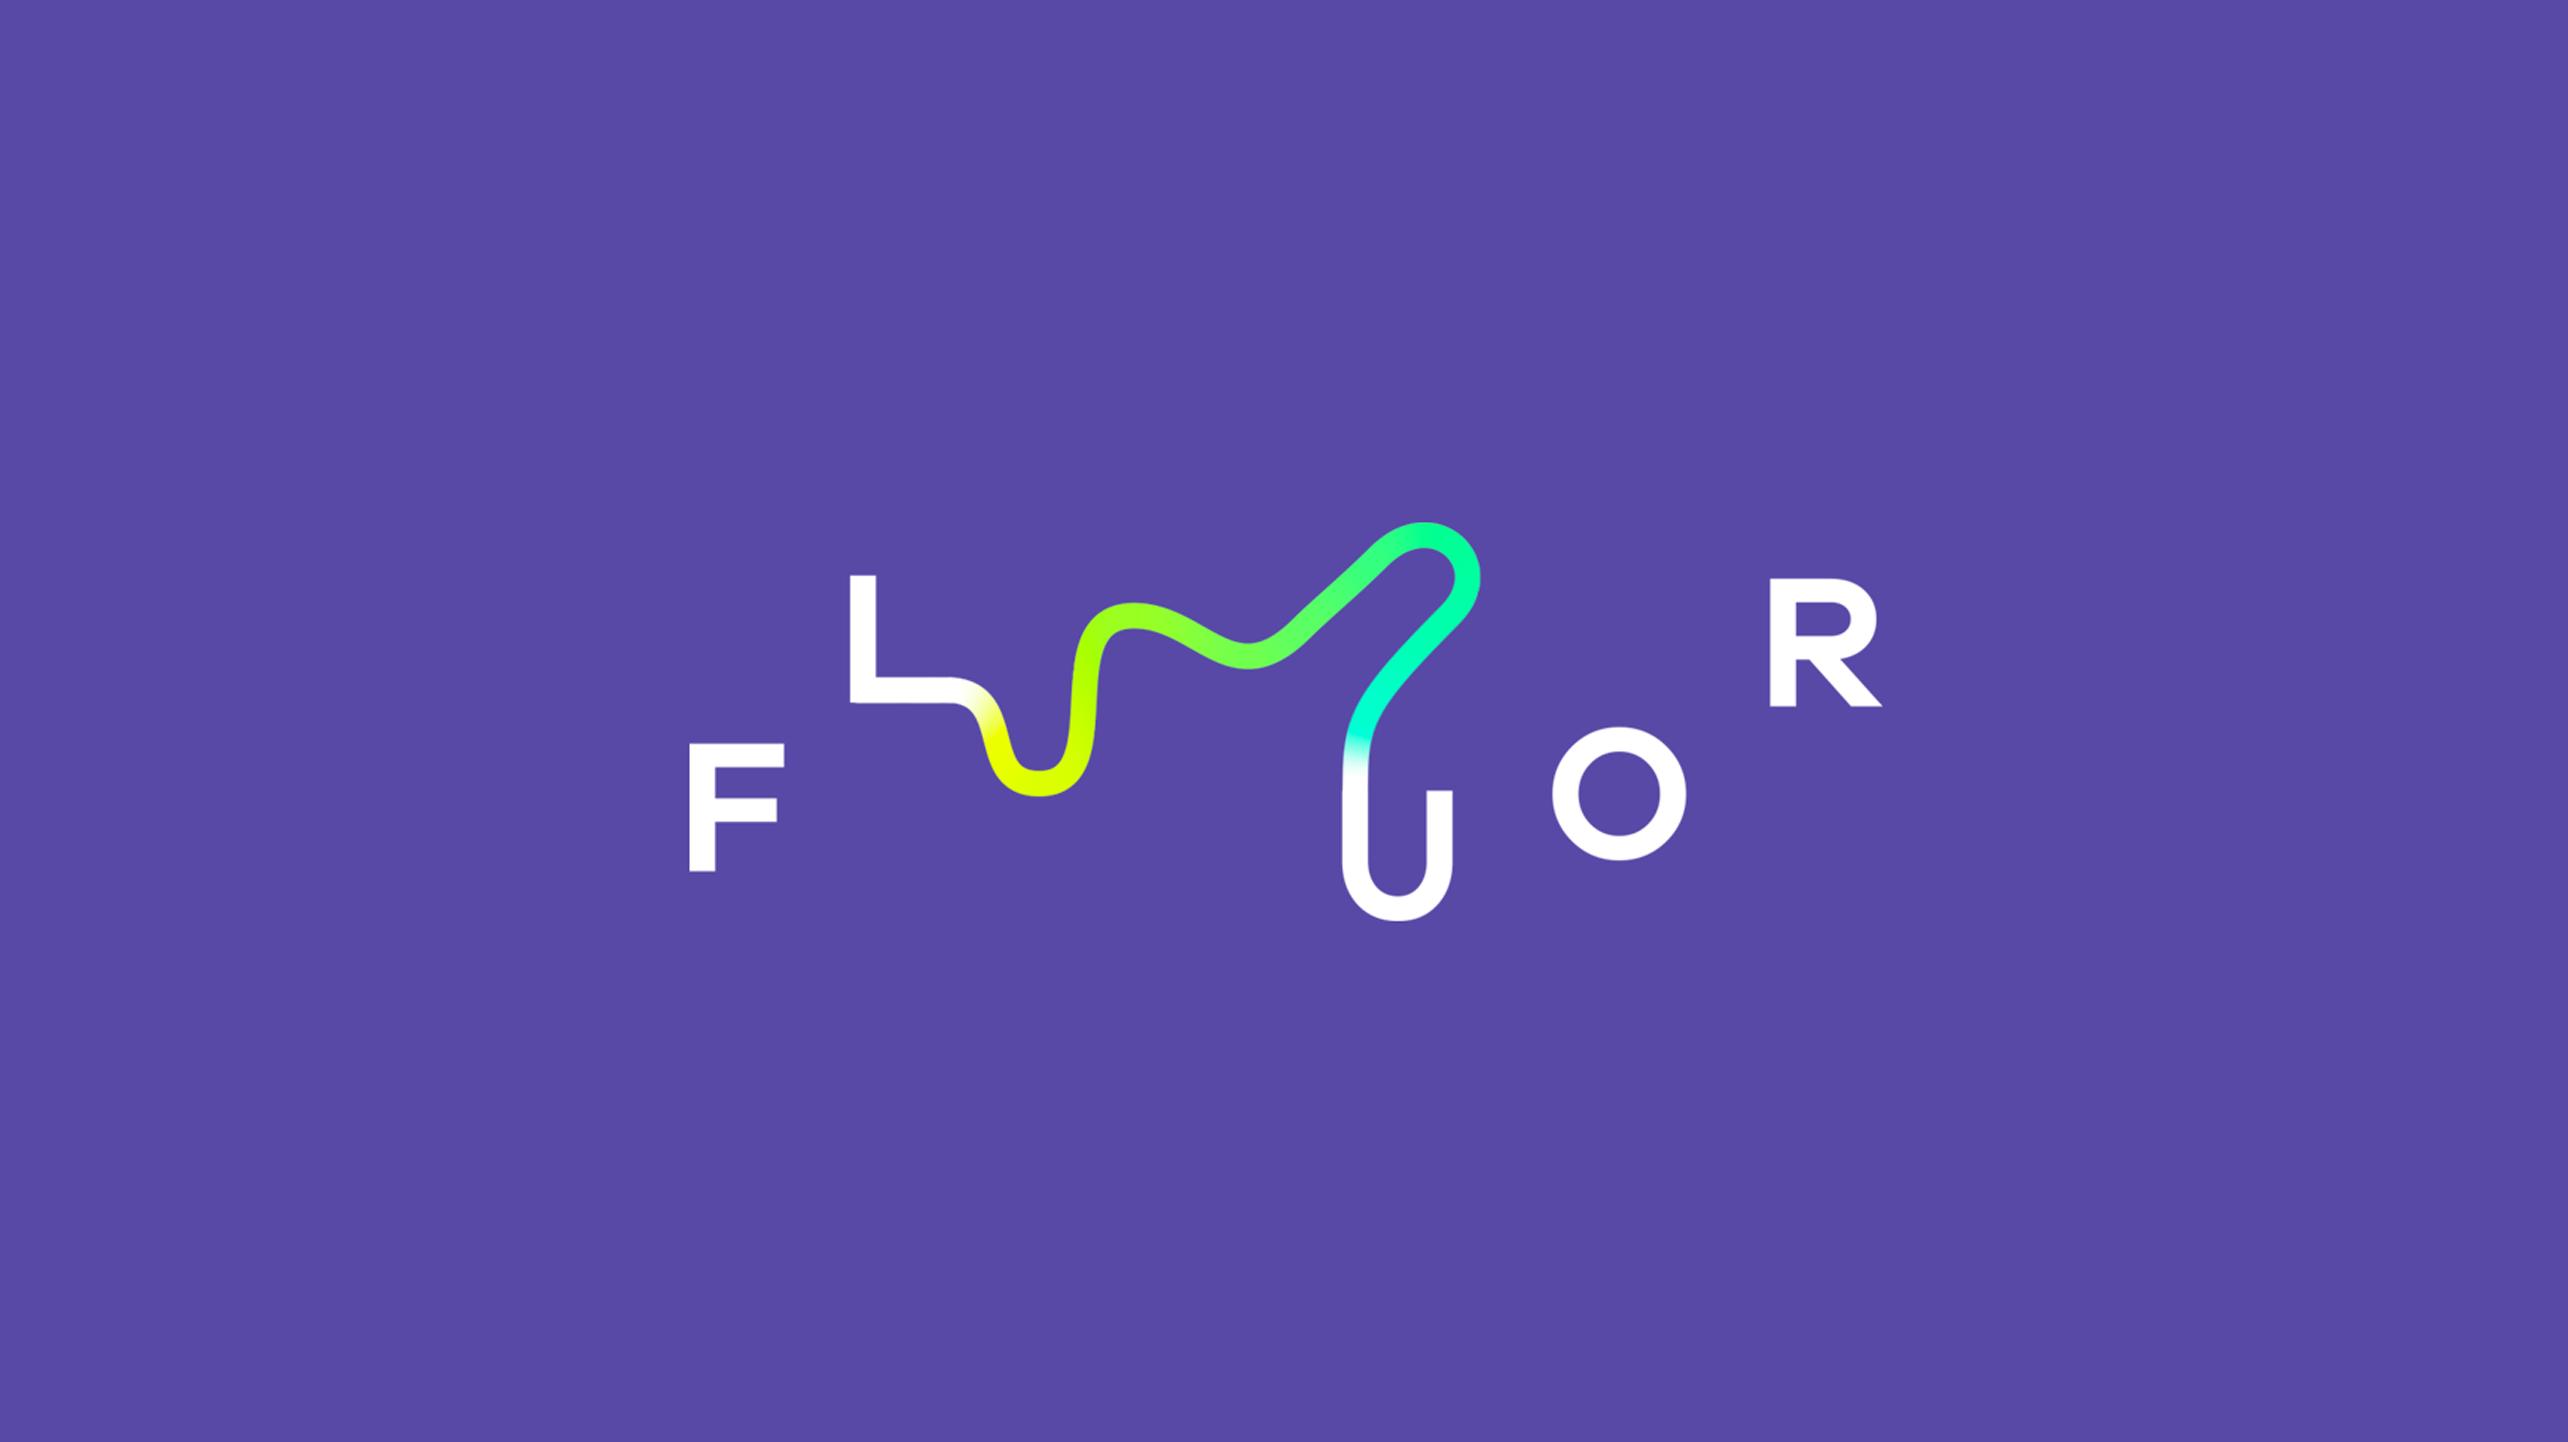 Fluor Branding